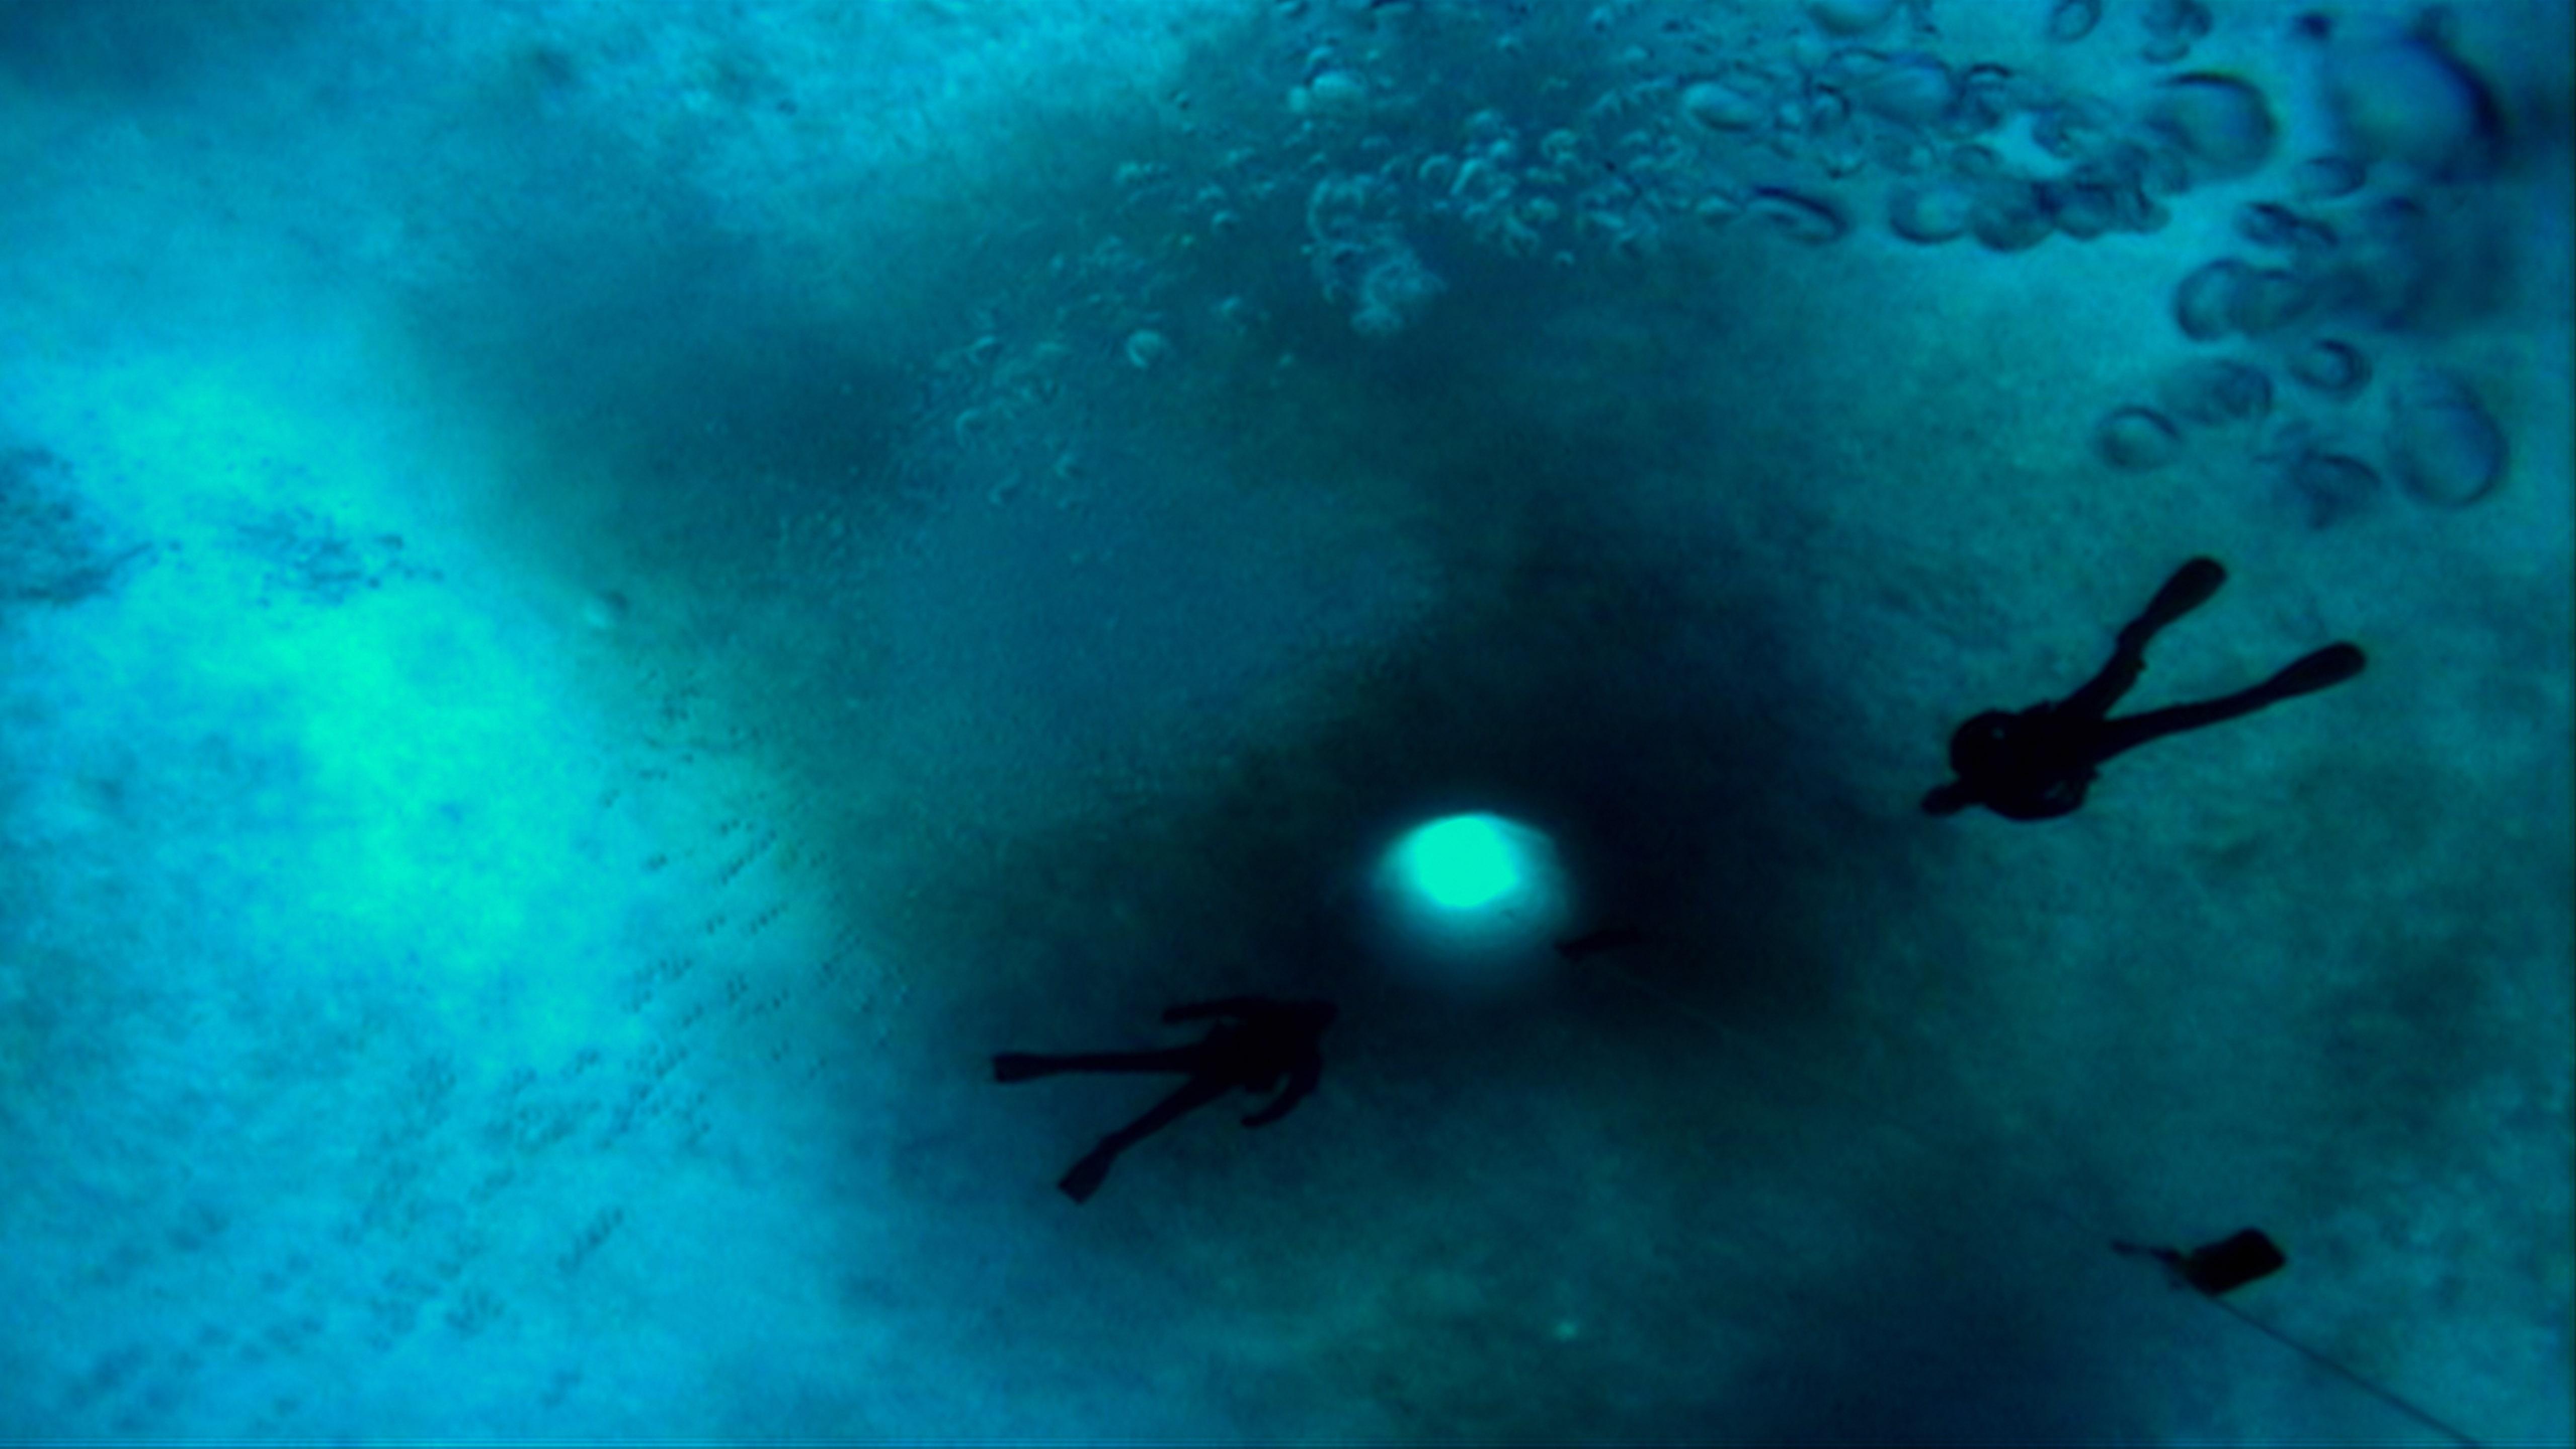 Szenenfoto aus dem Film The Wild Blue Yonder